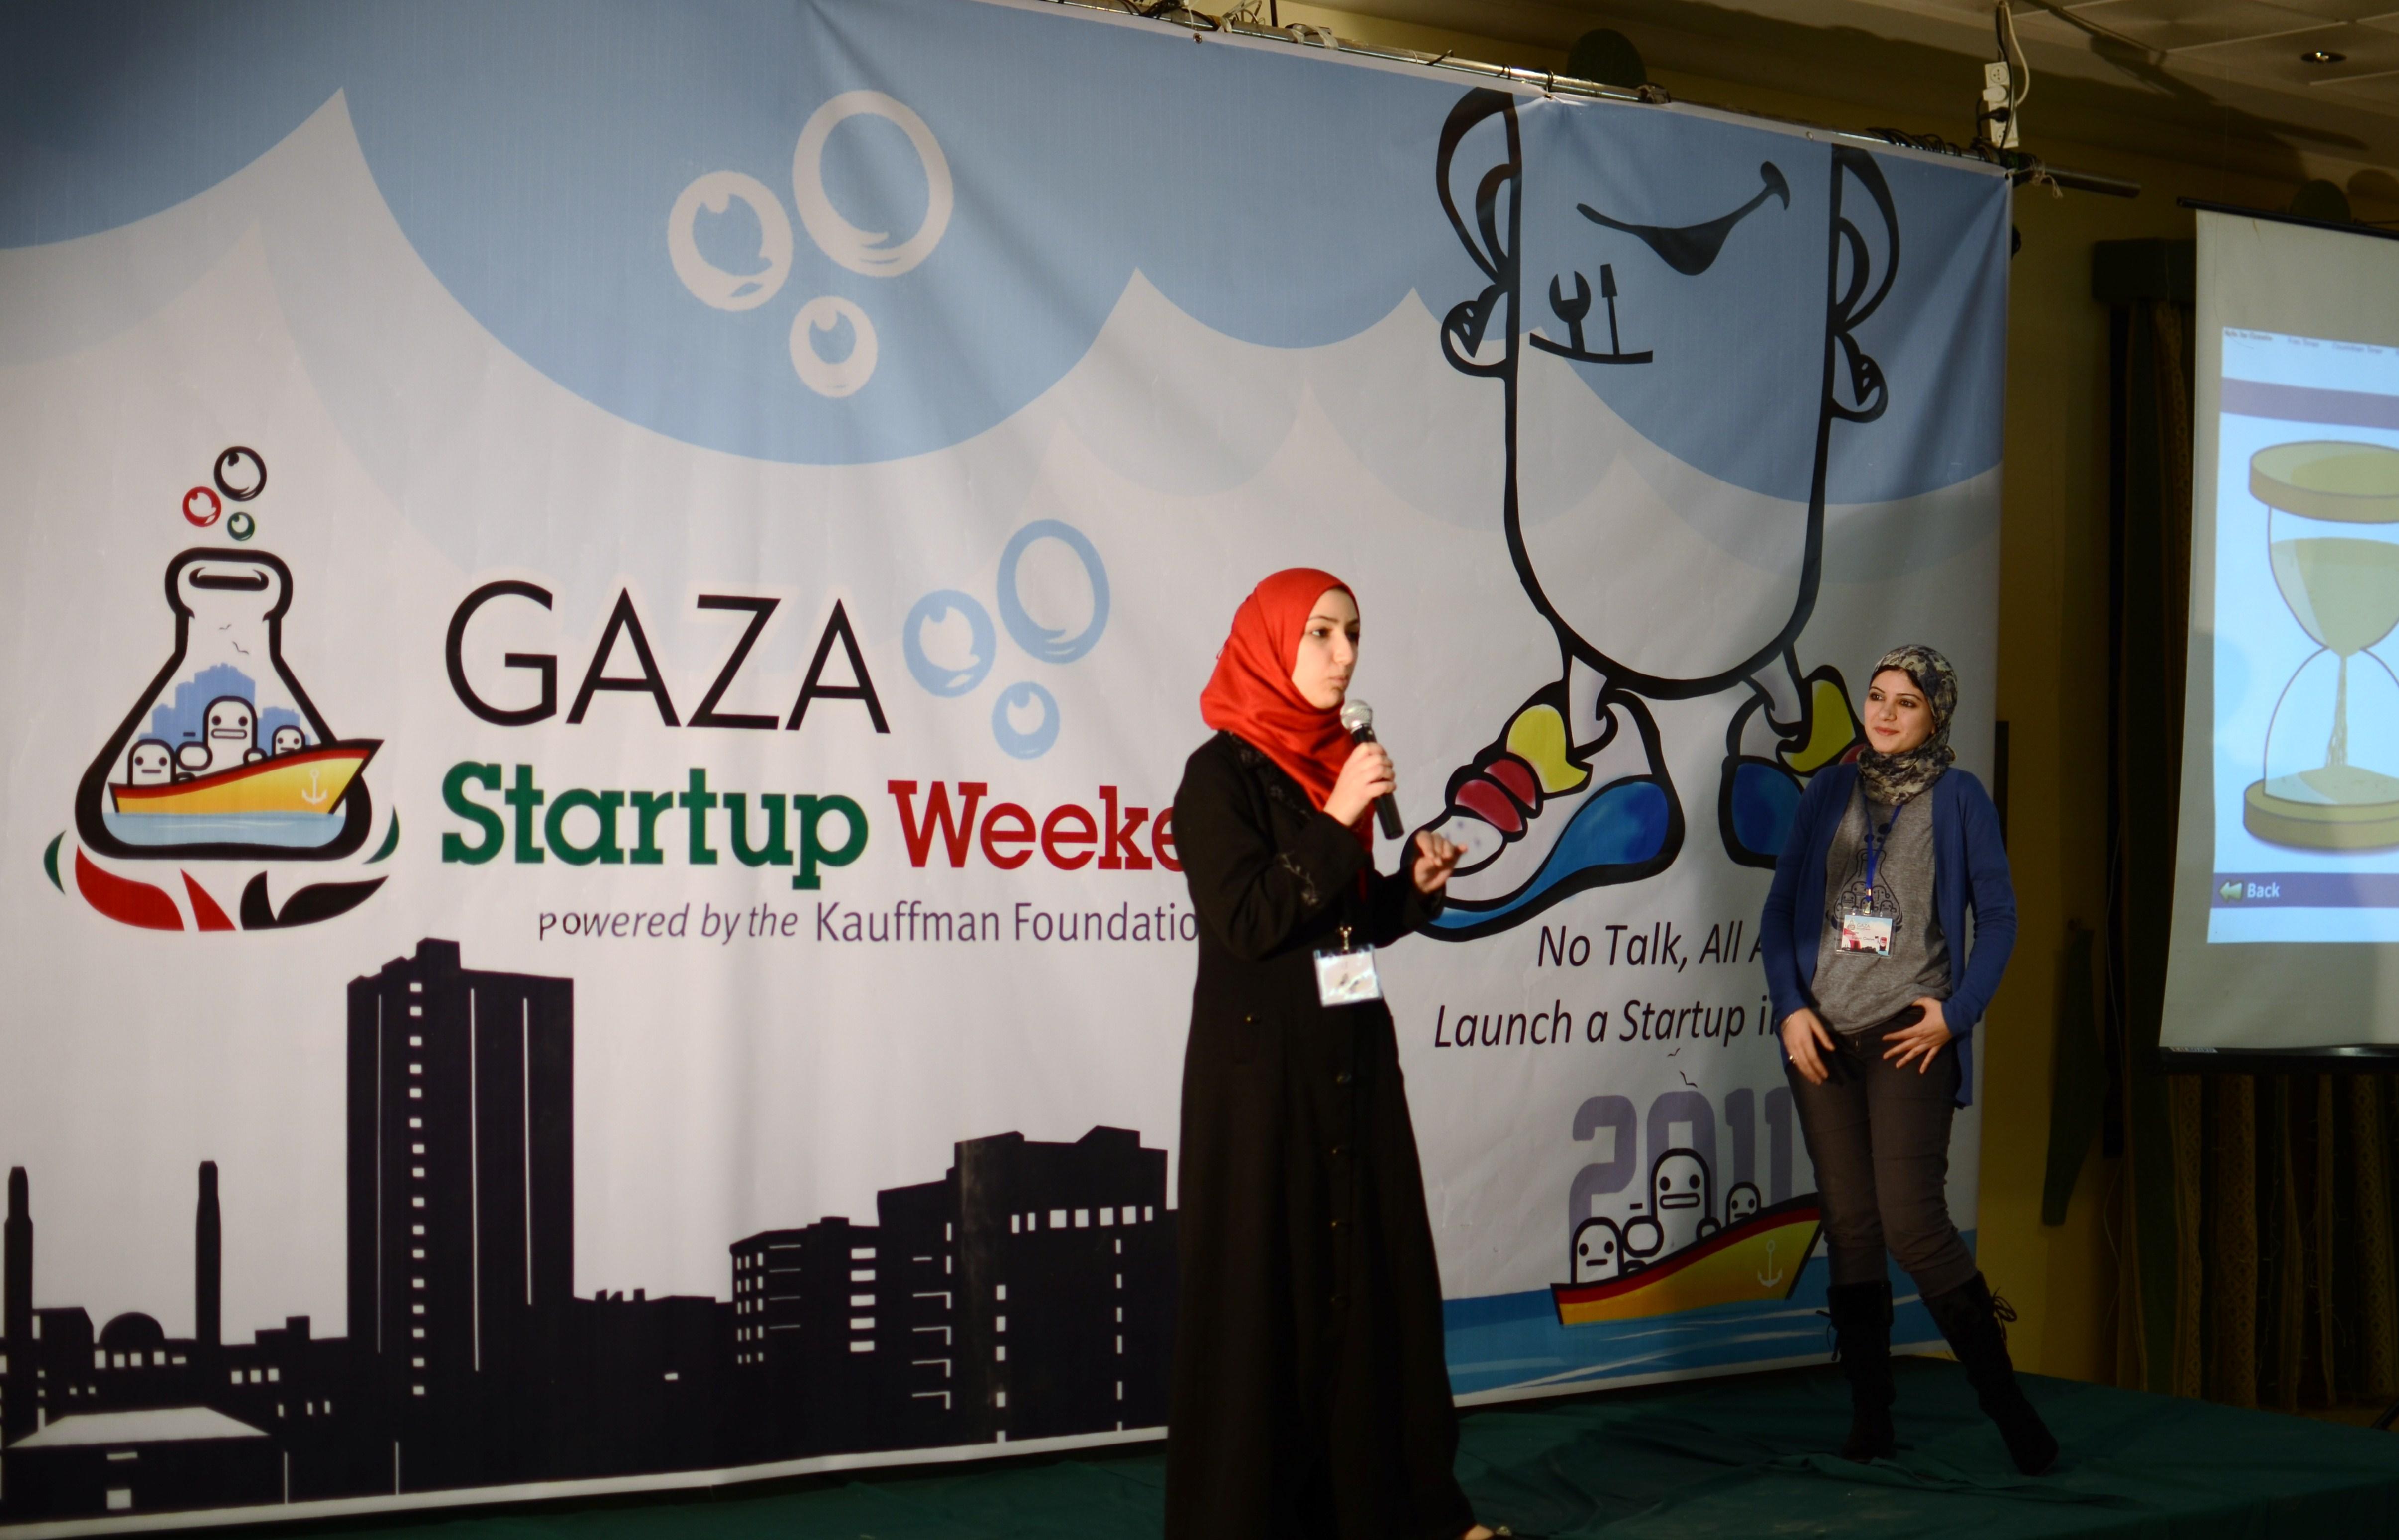 gaza-201201-wweathersby-2436